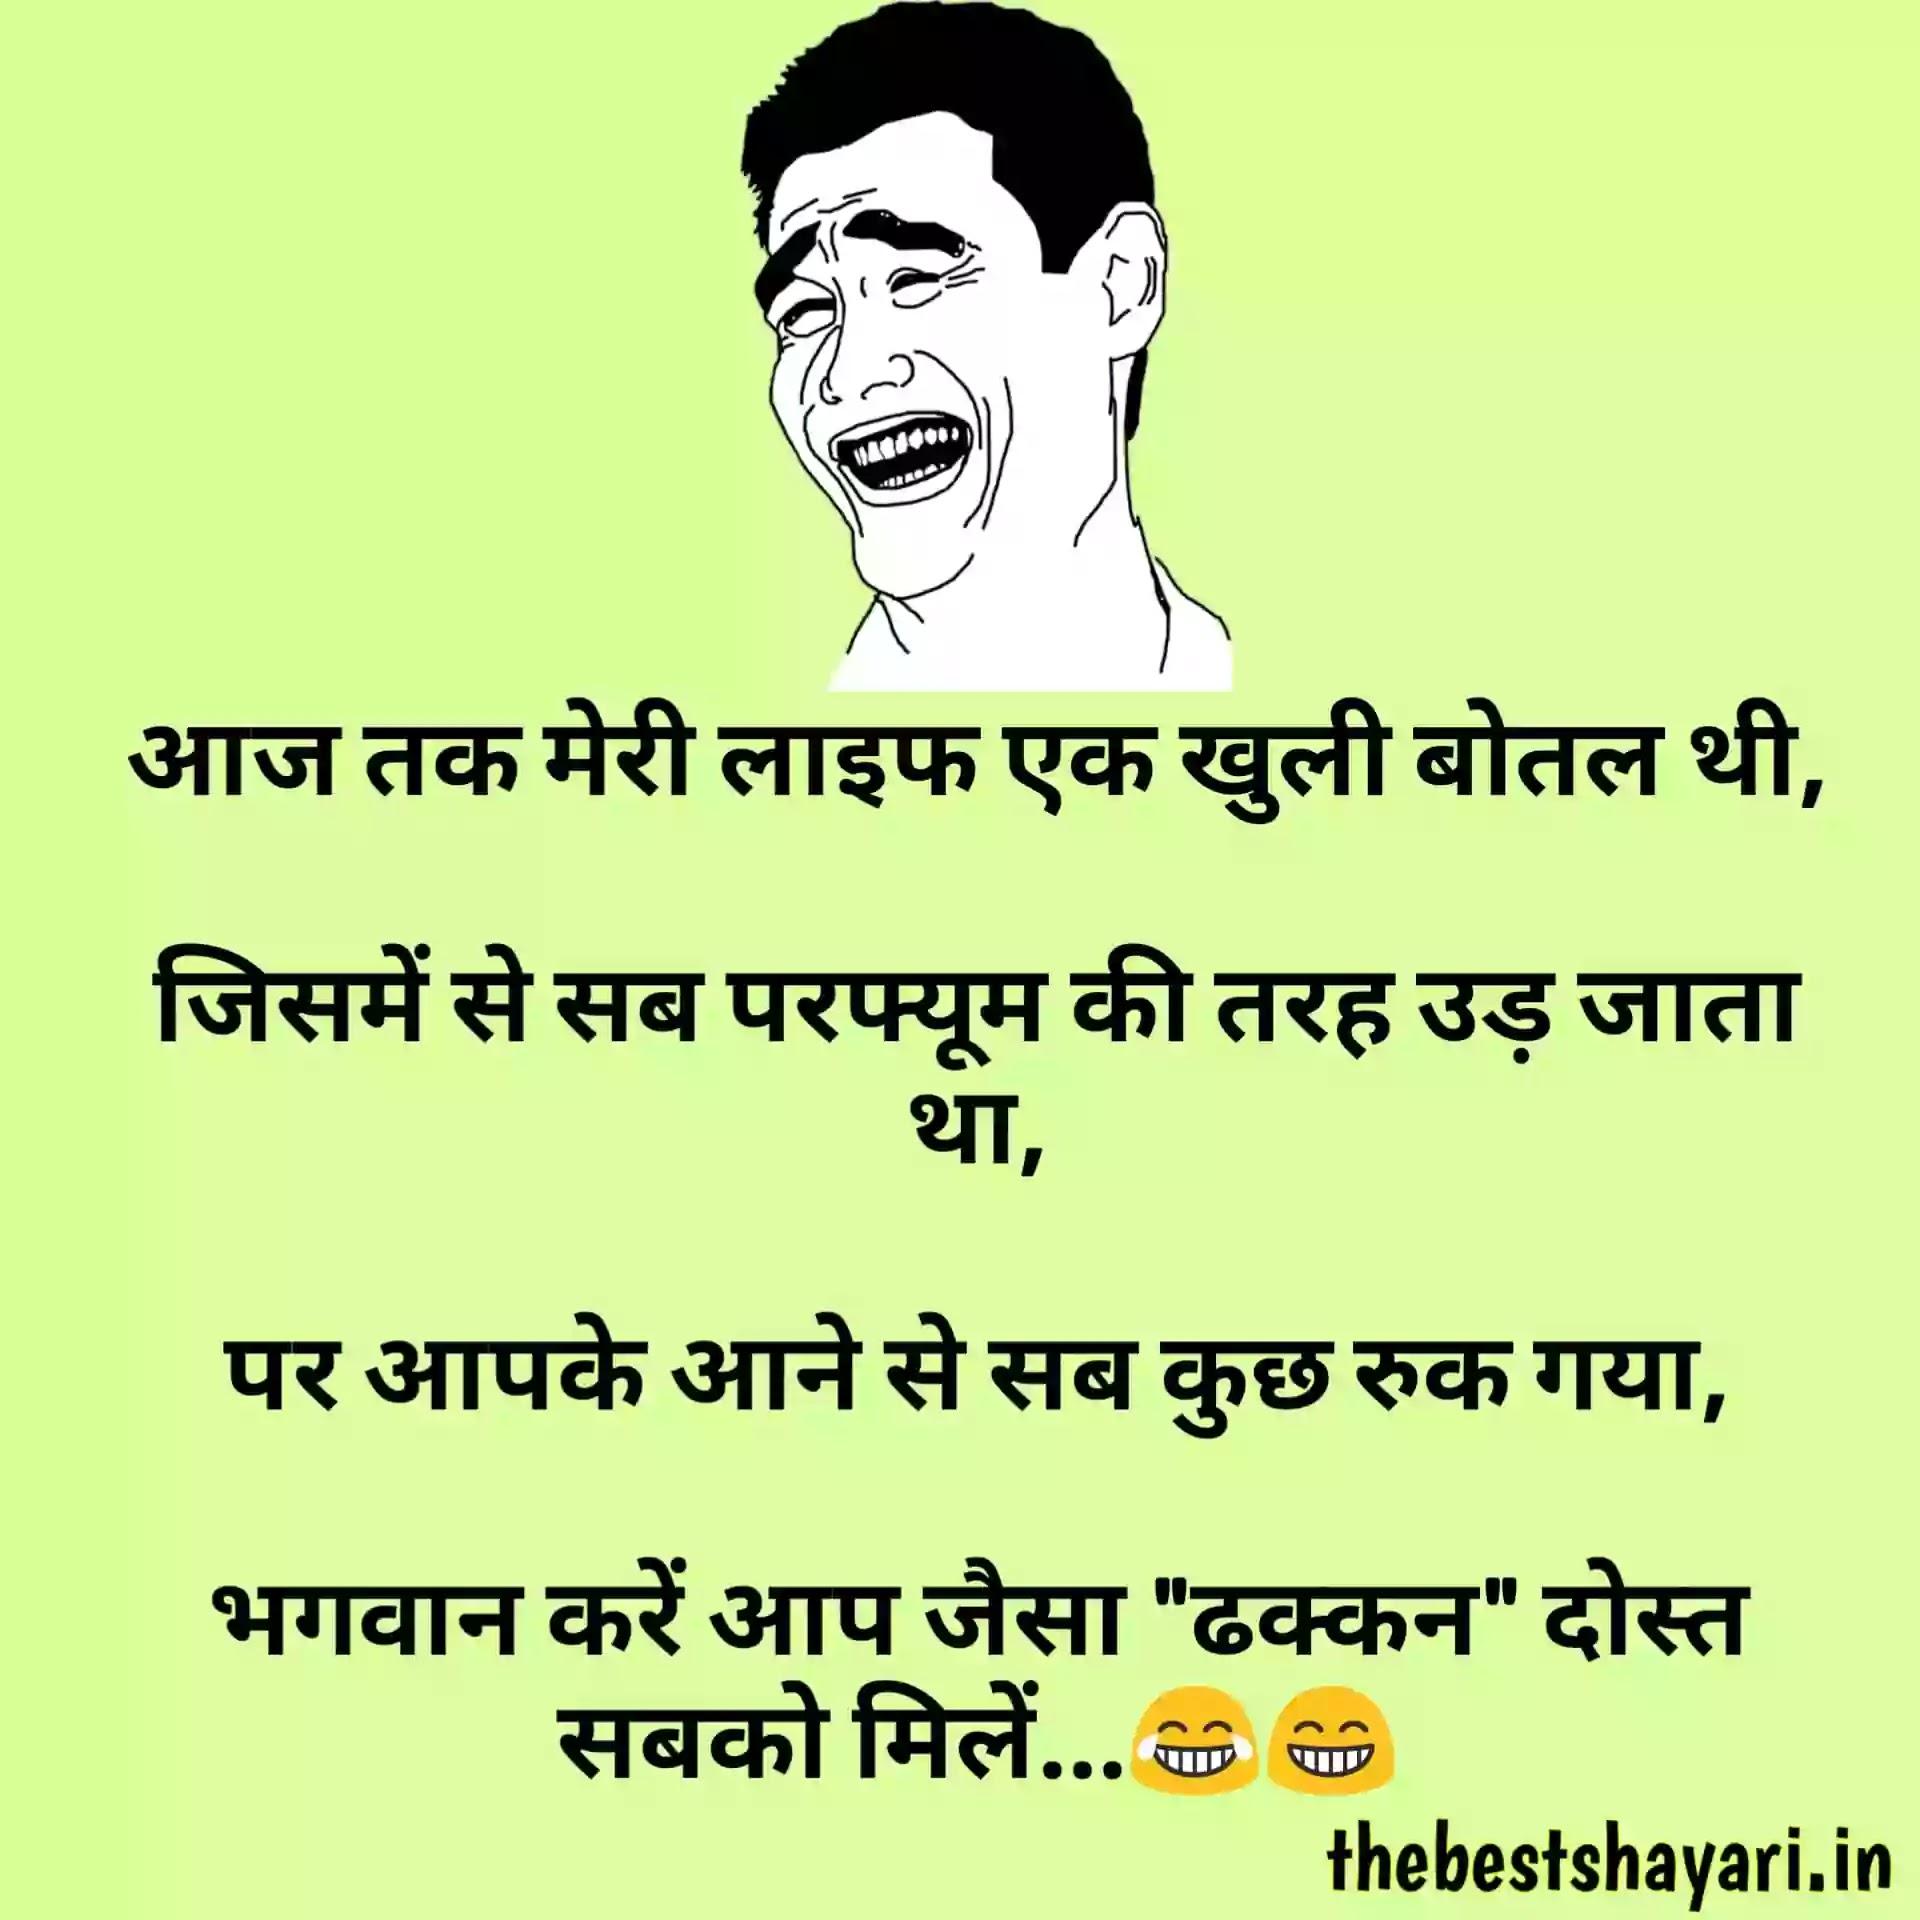 Insult jokes in hindI